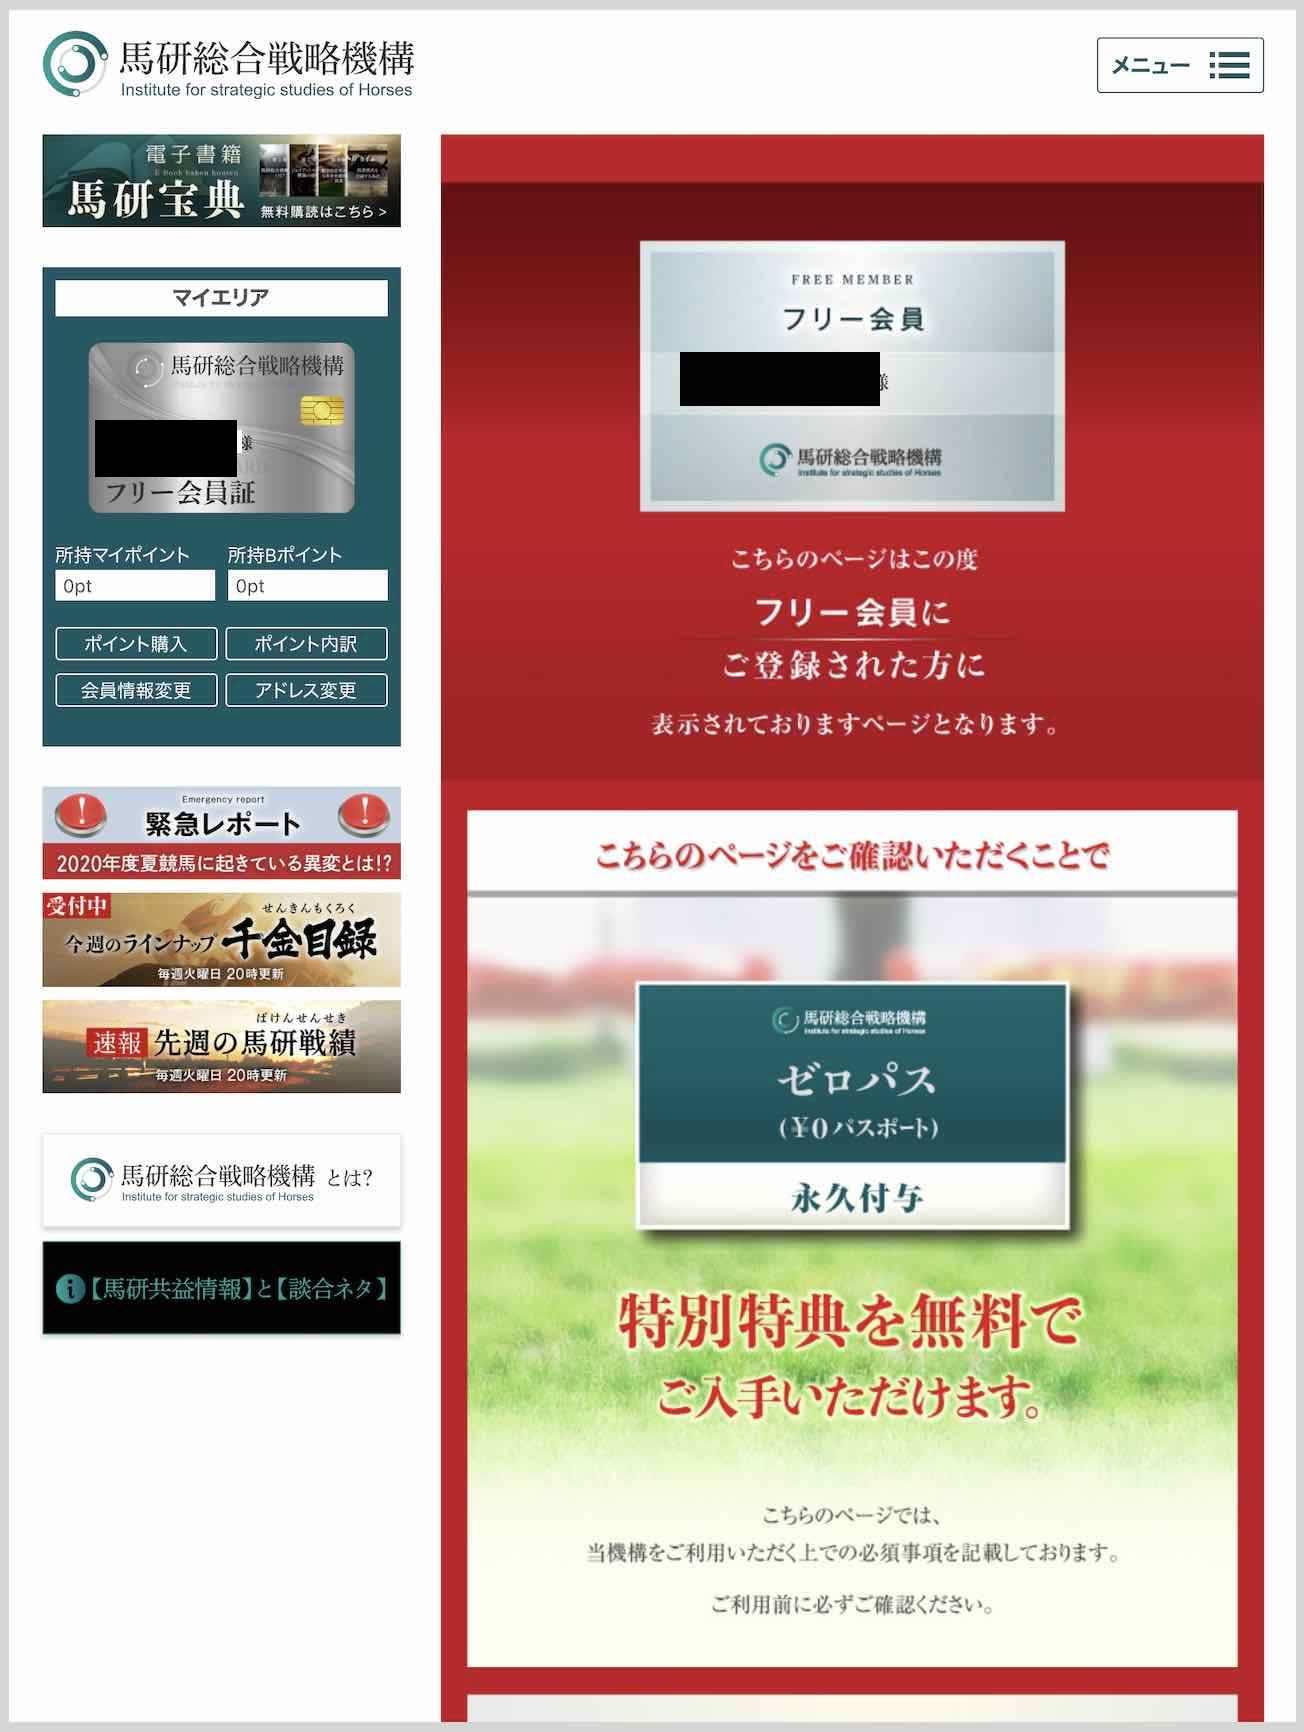 馬研総合戦略機構という競馬予想サイトの会員ページ